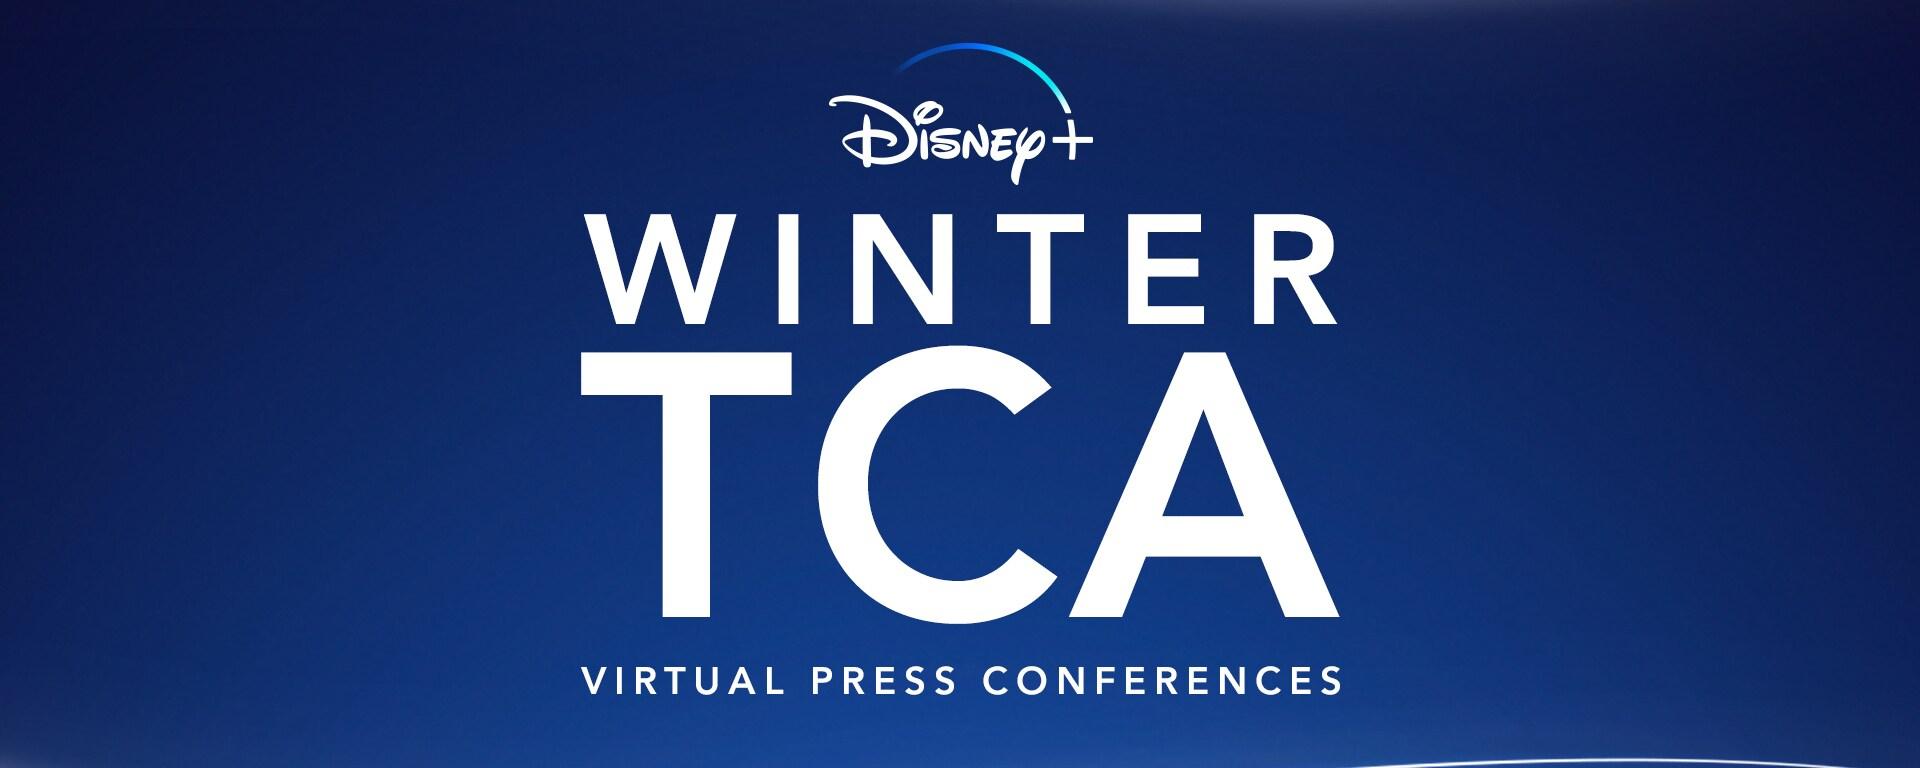 Winter TCA Press Conferences 2021